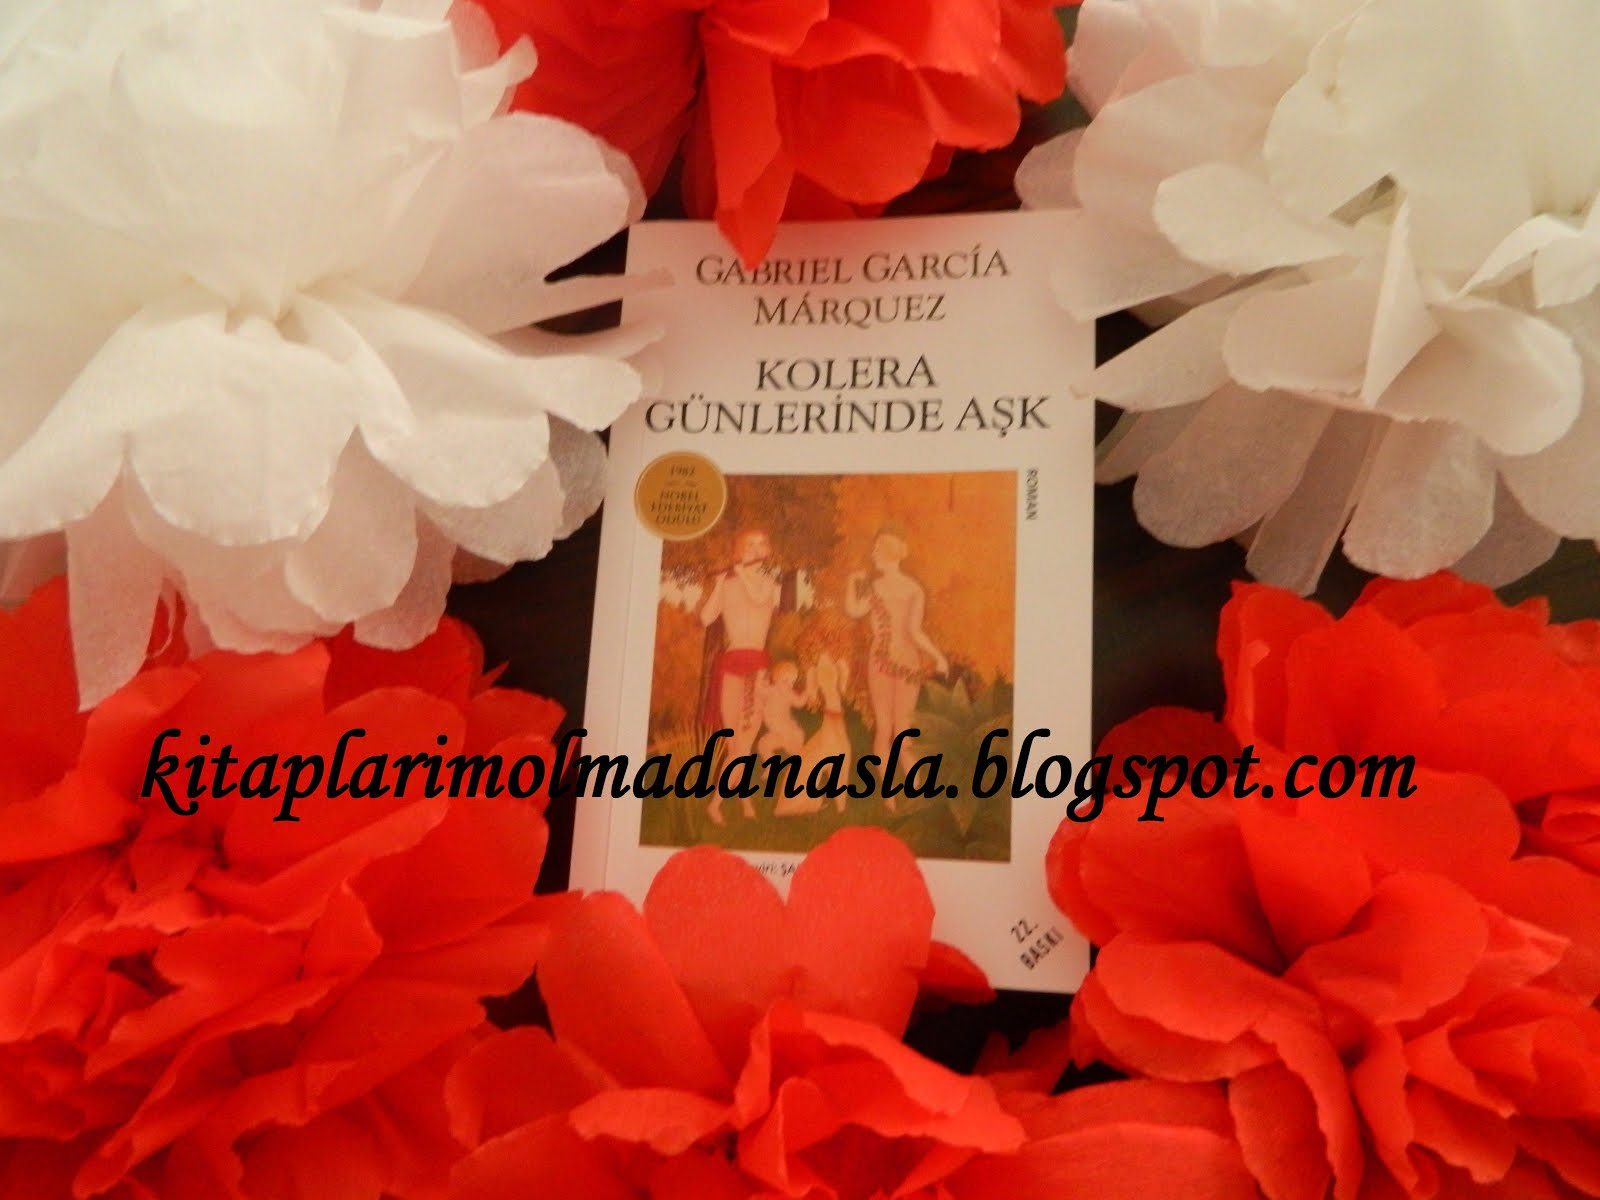 GABRİEL GARCİA MARQUEZ - KOLERA GÜNLERİNDE AŞK